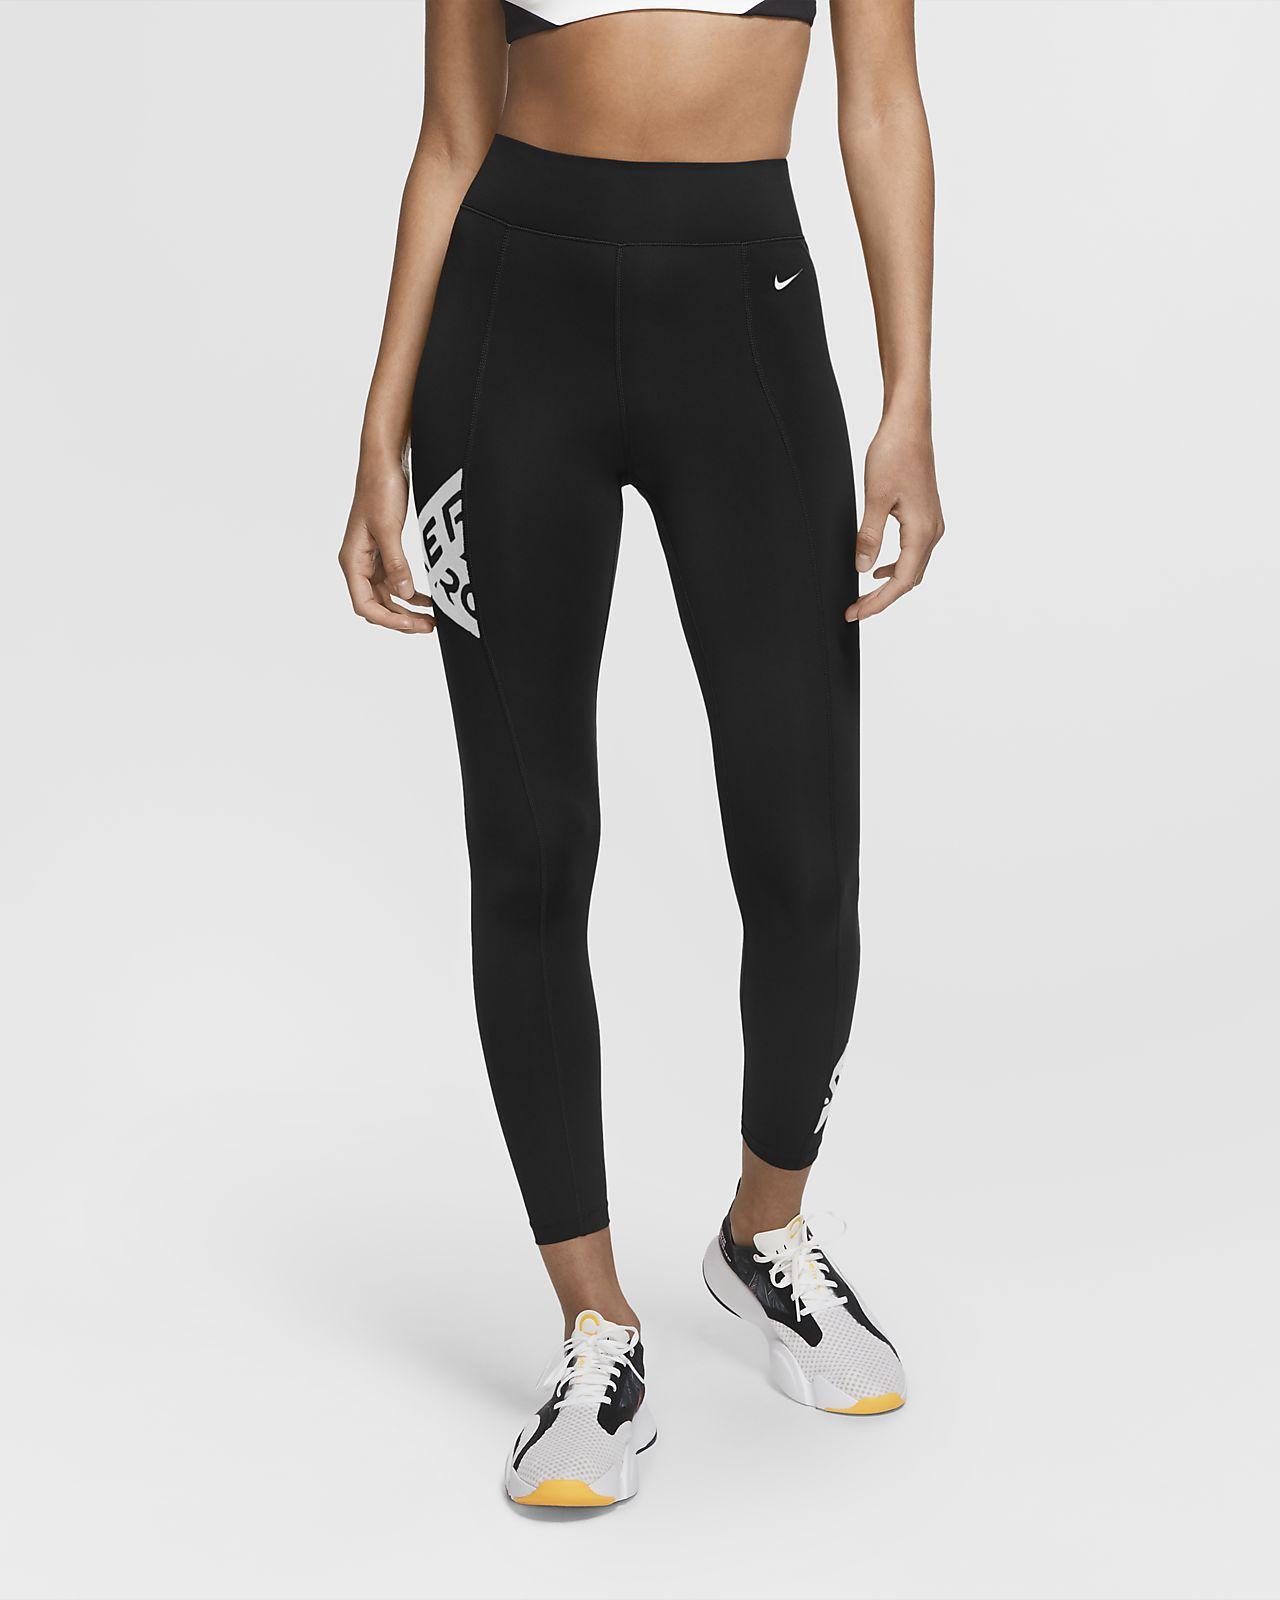 Nike Pro 7/8-os, mintás testhezálló női nadrág